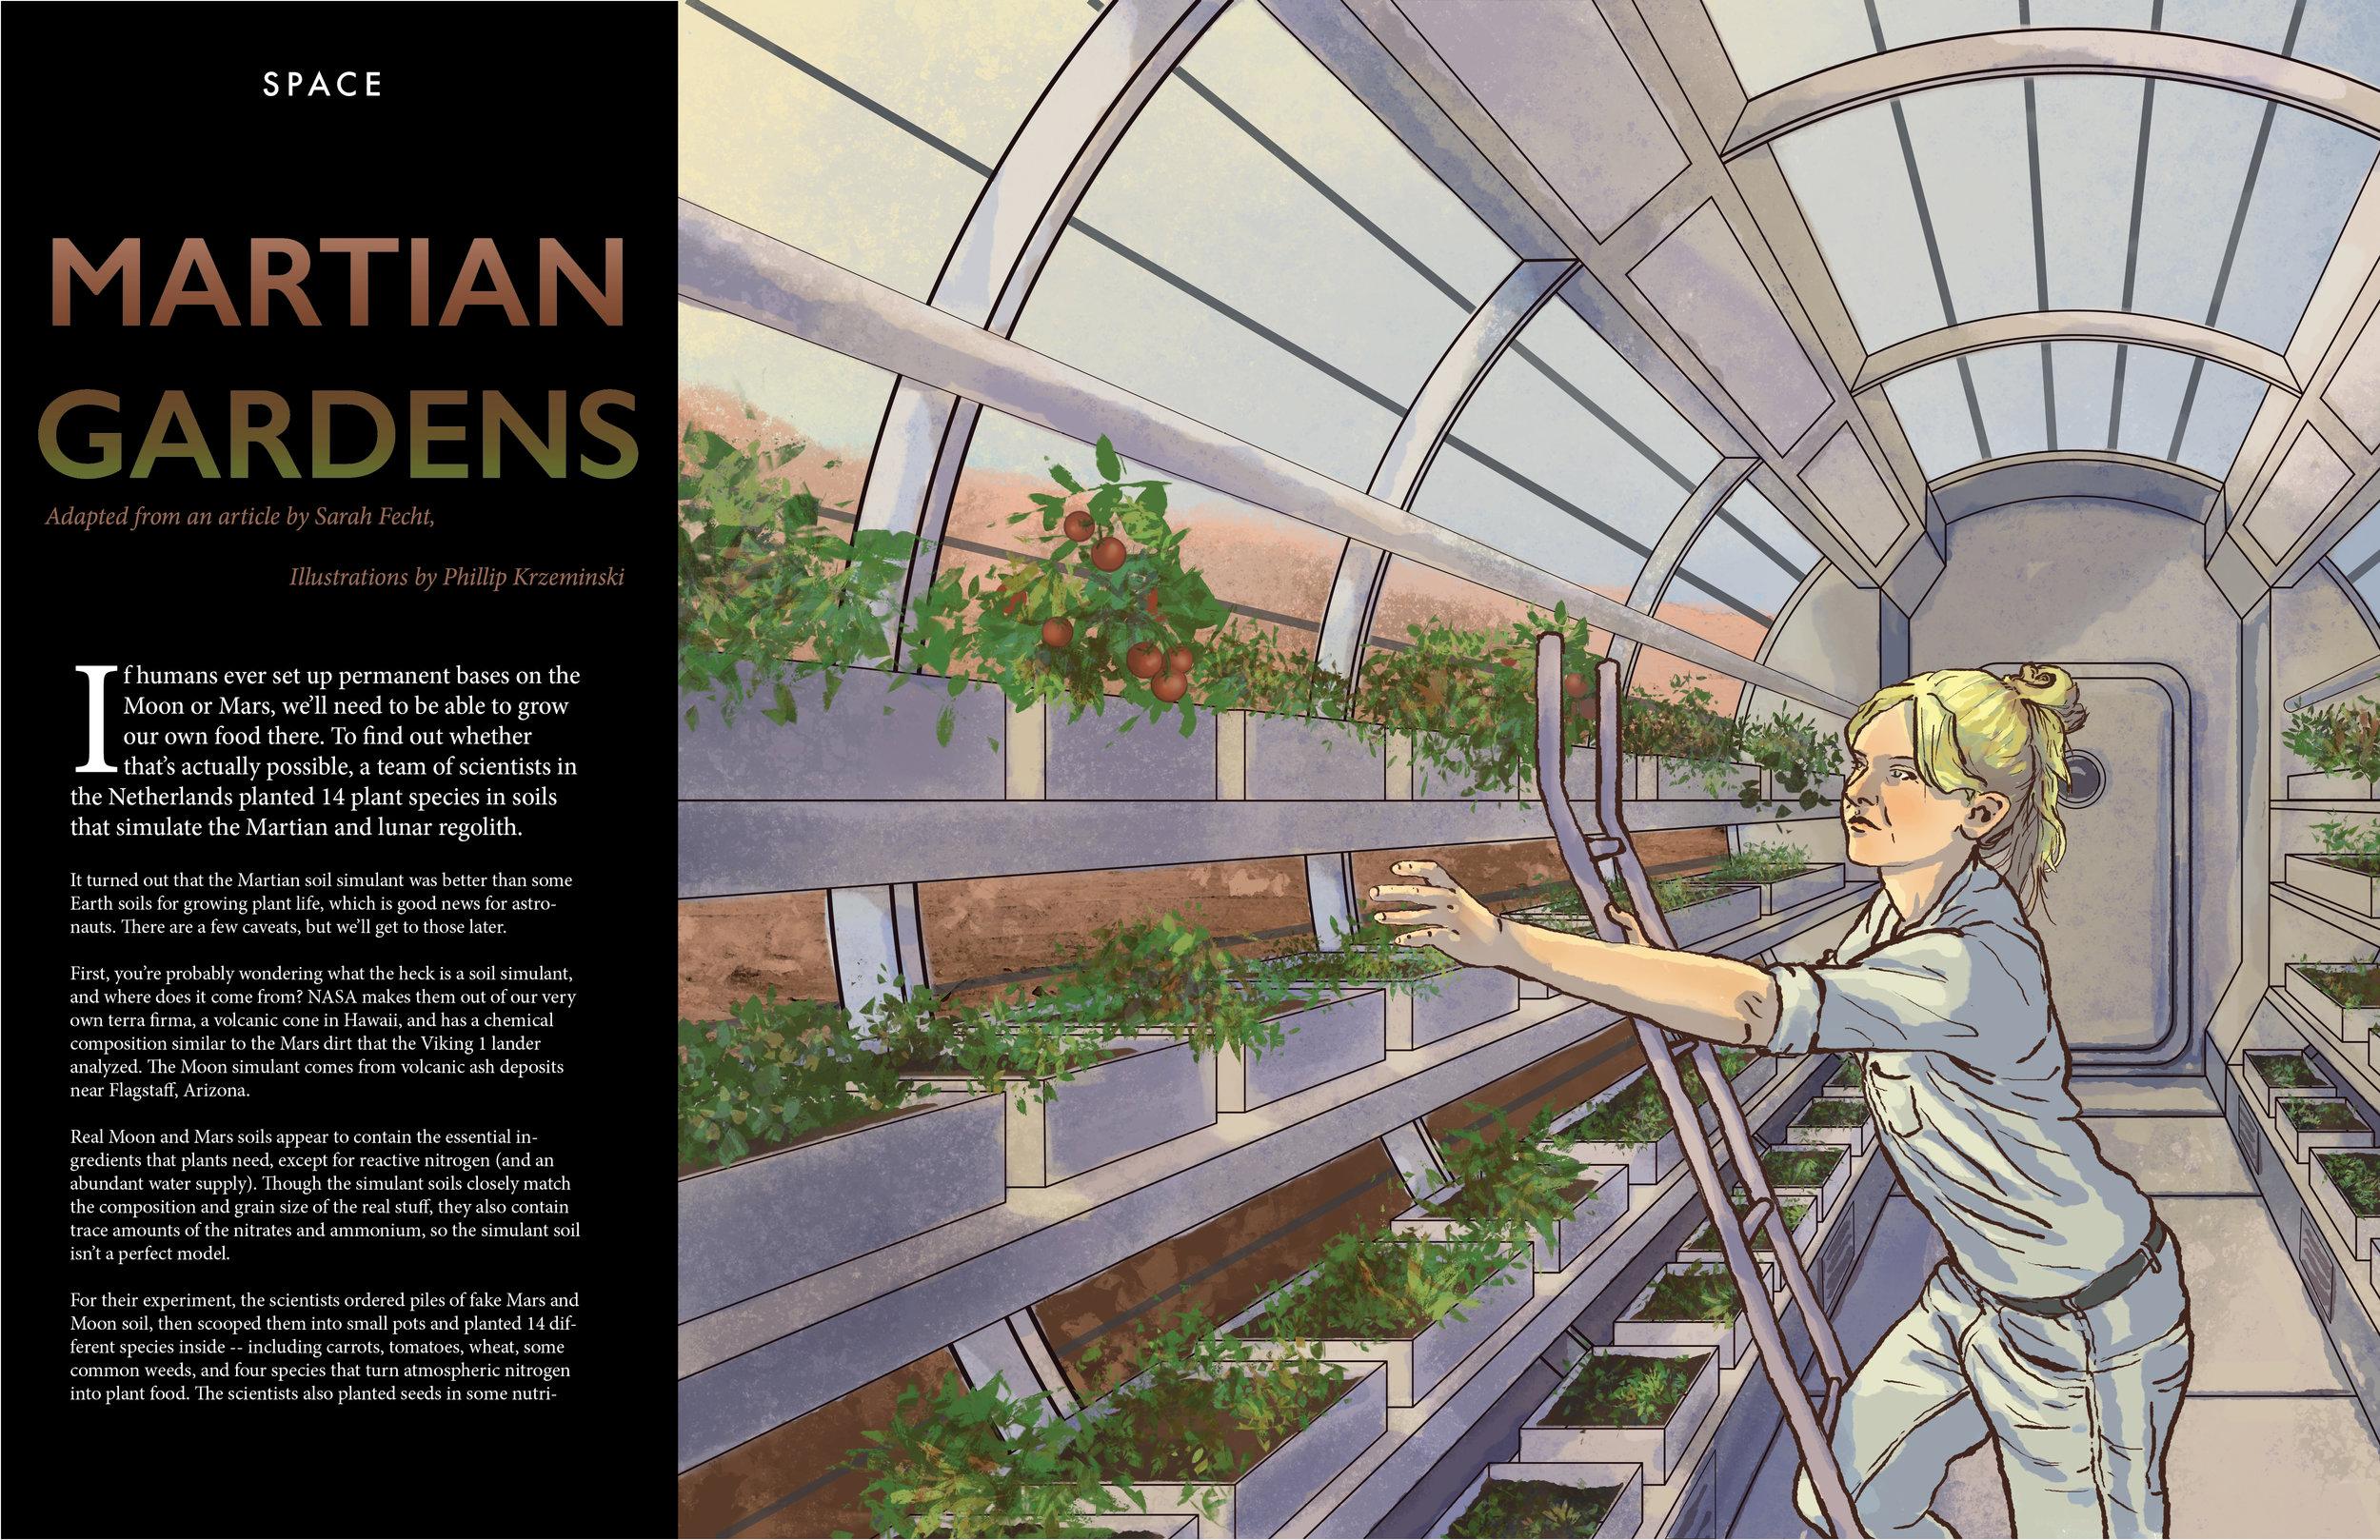 Martian Gardens